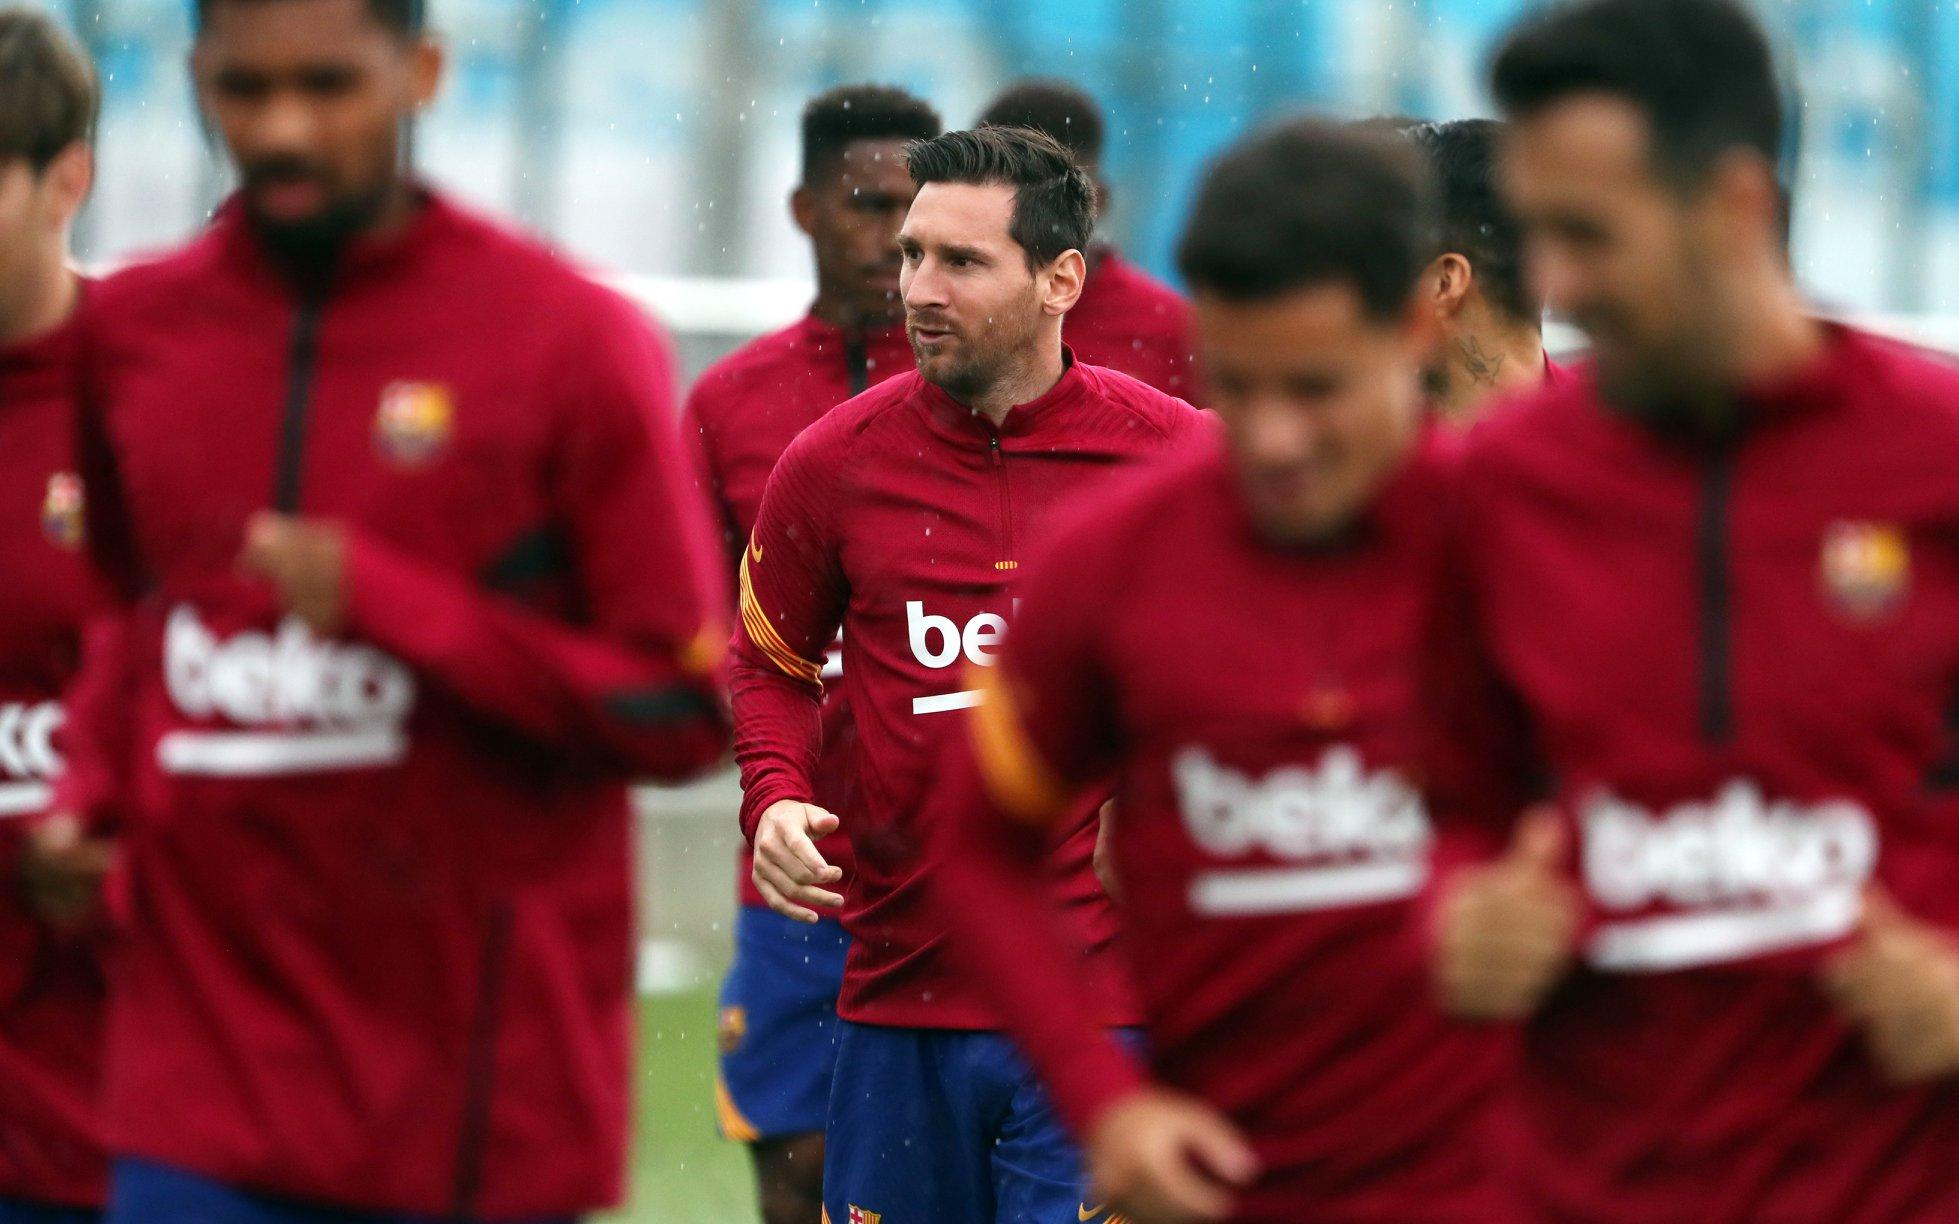 ميسي يلتحق بالتداريب الجماعية لبرشلونة للمرة الاولى بعد قراره بالبقاء